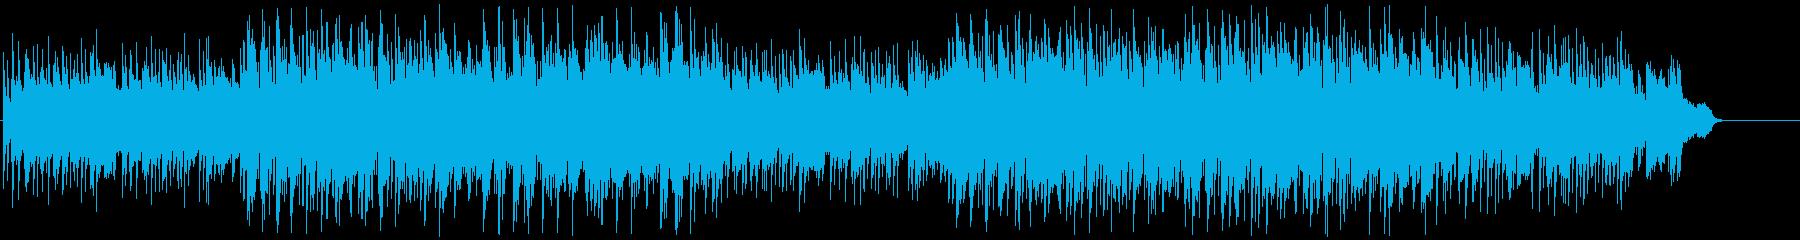 揚琴のメロディーが切なく美しい和風EDMの再生済みの波形